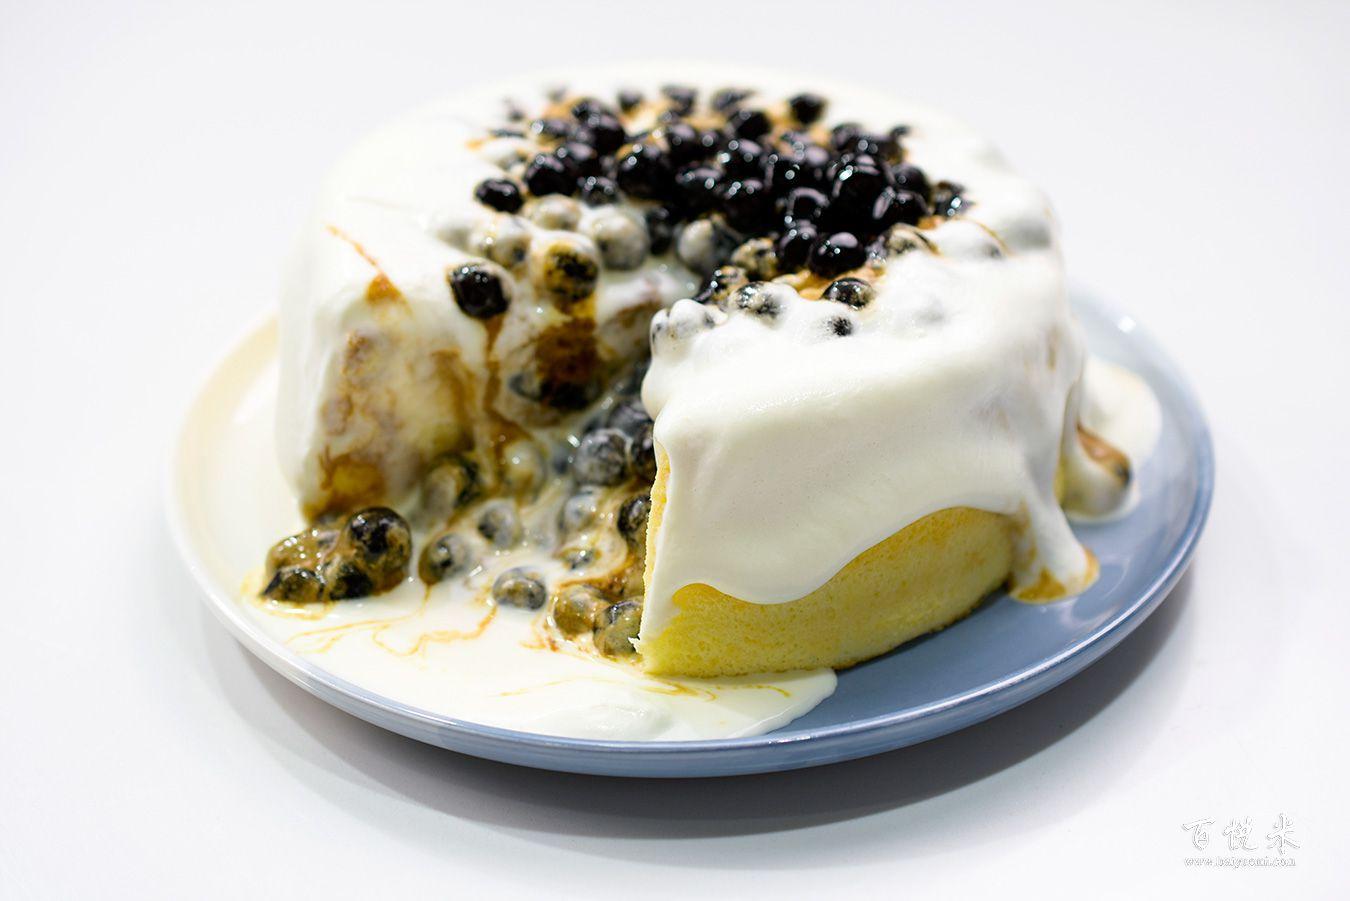 珍珠奶茶云朵蛋糕高清图片大全【蛋糕图片】_879